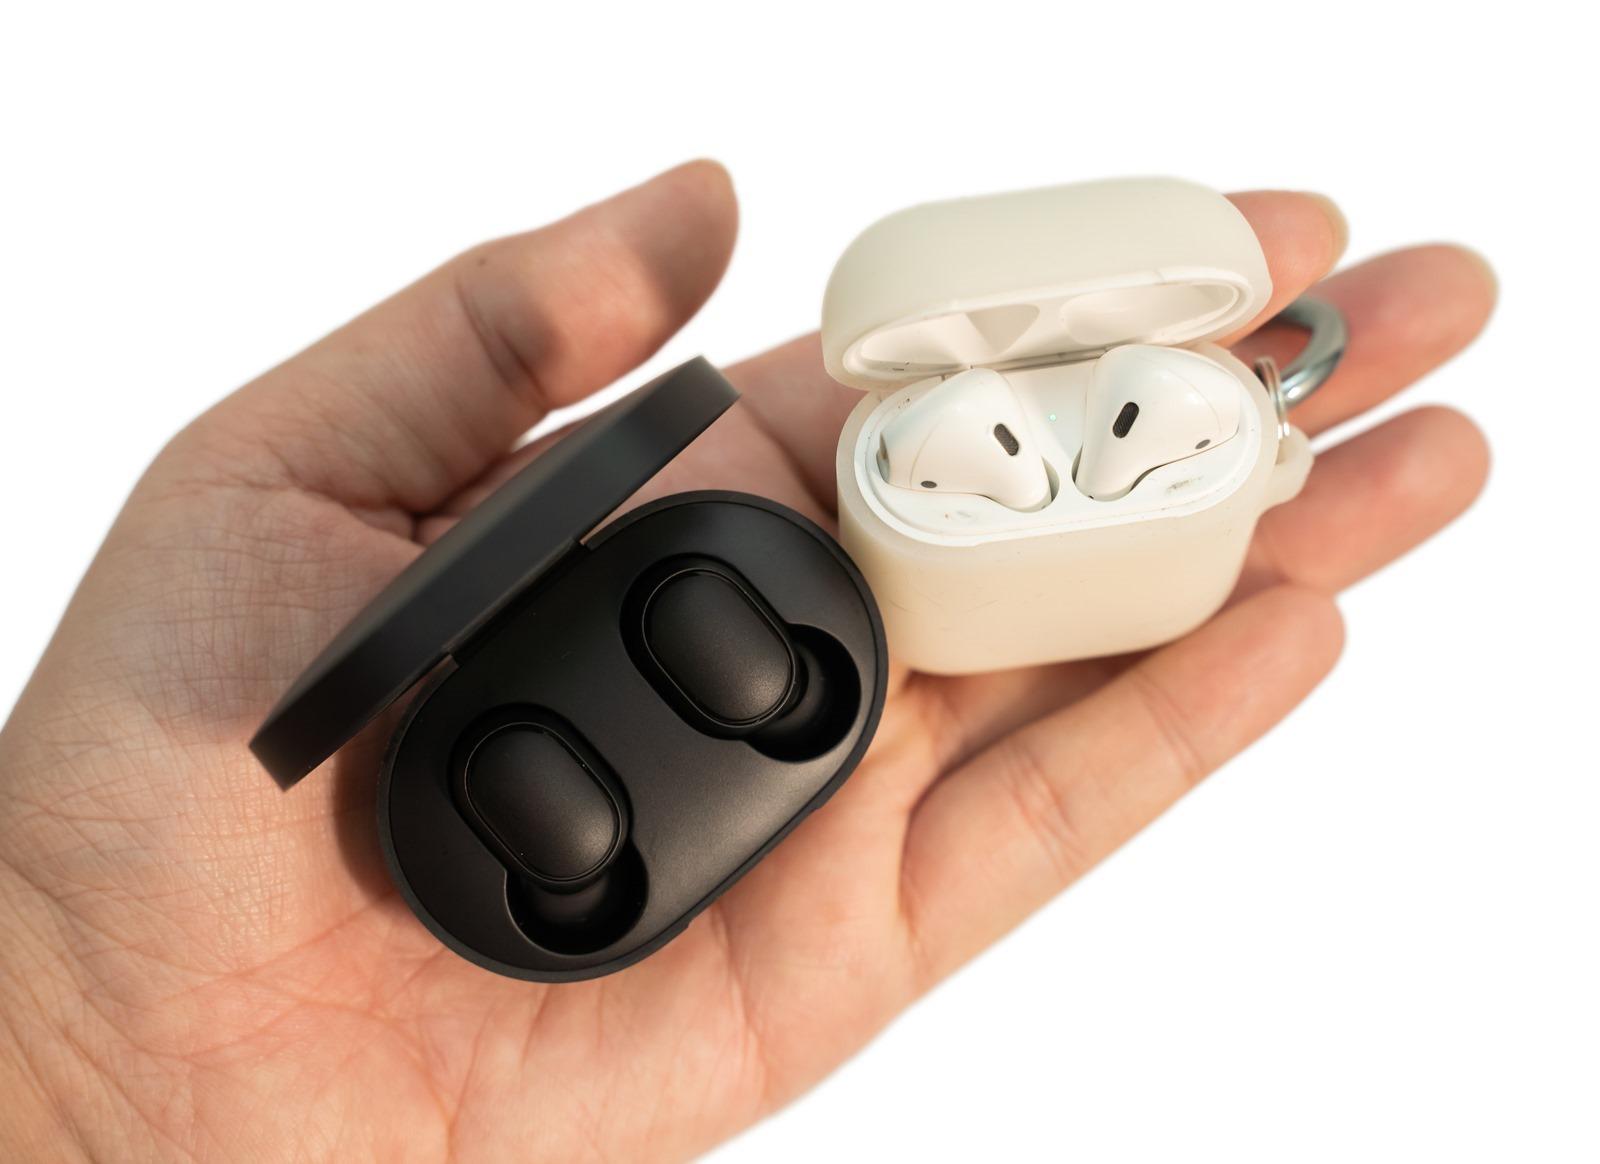 小米 藍牙 耳機 airdots 超 值 版 缺點